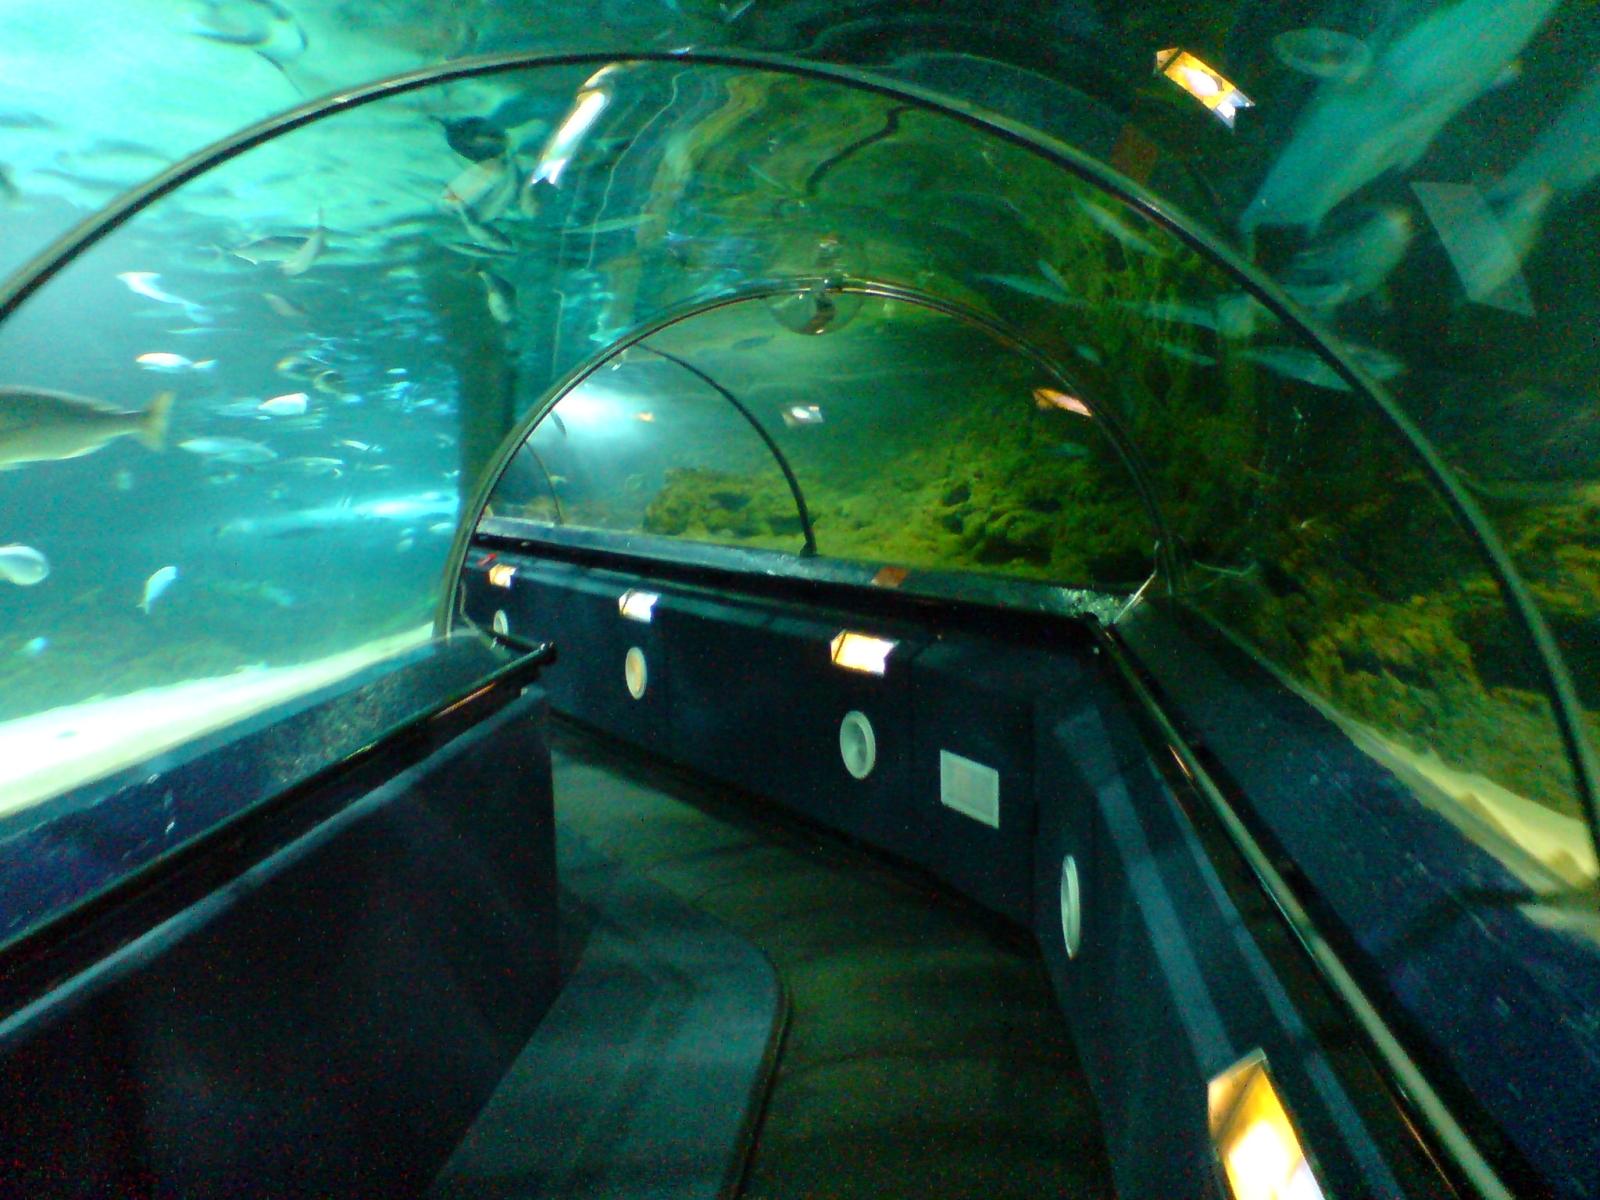 London Aquarium 2 For 1 Train